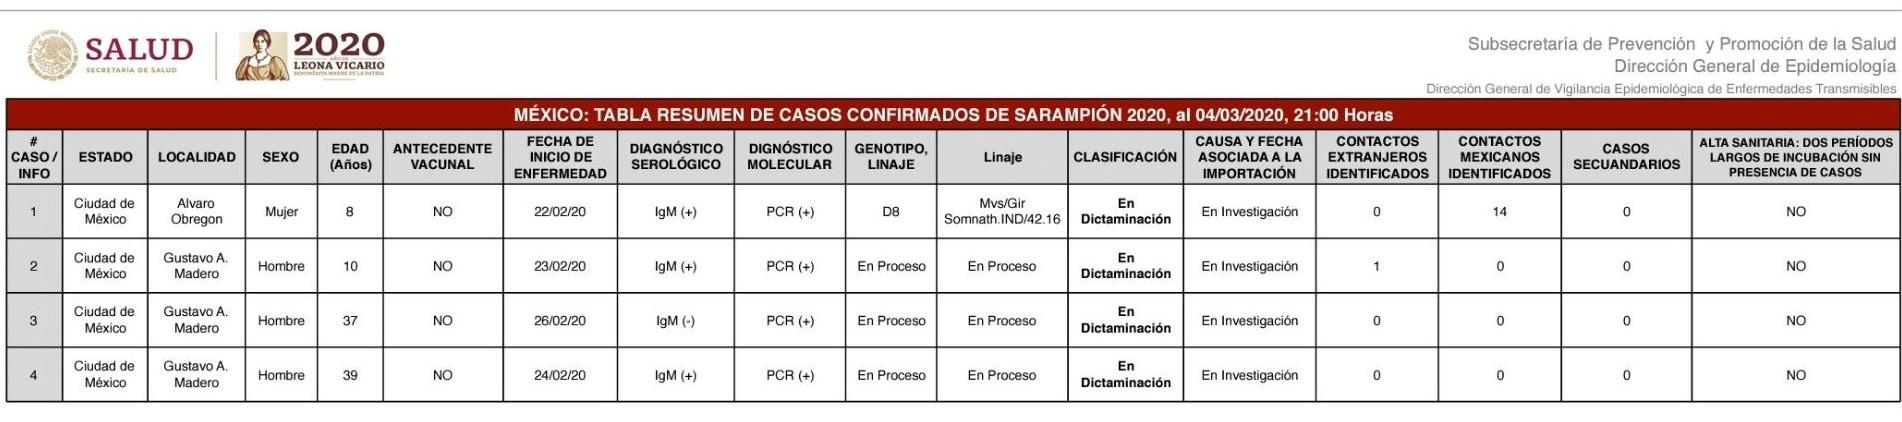 fOTO: Ssa confirmó cuatro casos de sarampión en la CDMX, a través de la Dirección General de Epidemiología, 5 marzo2020